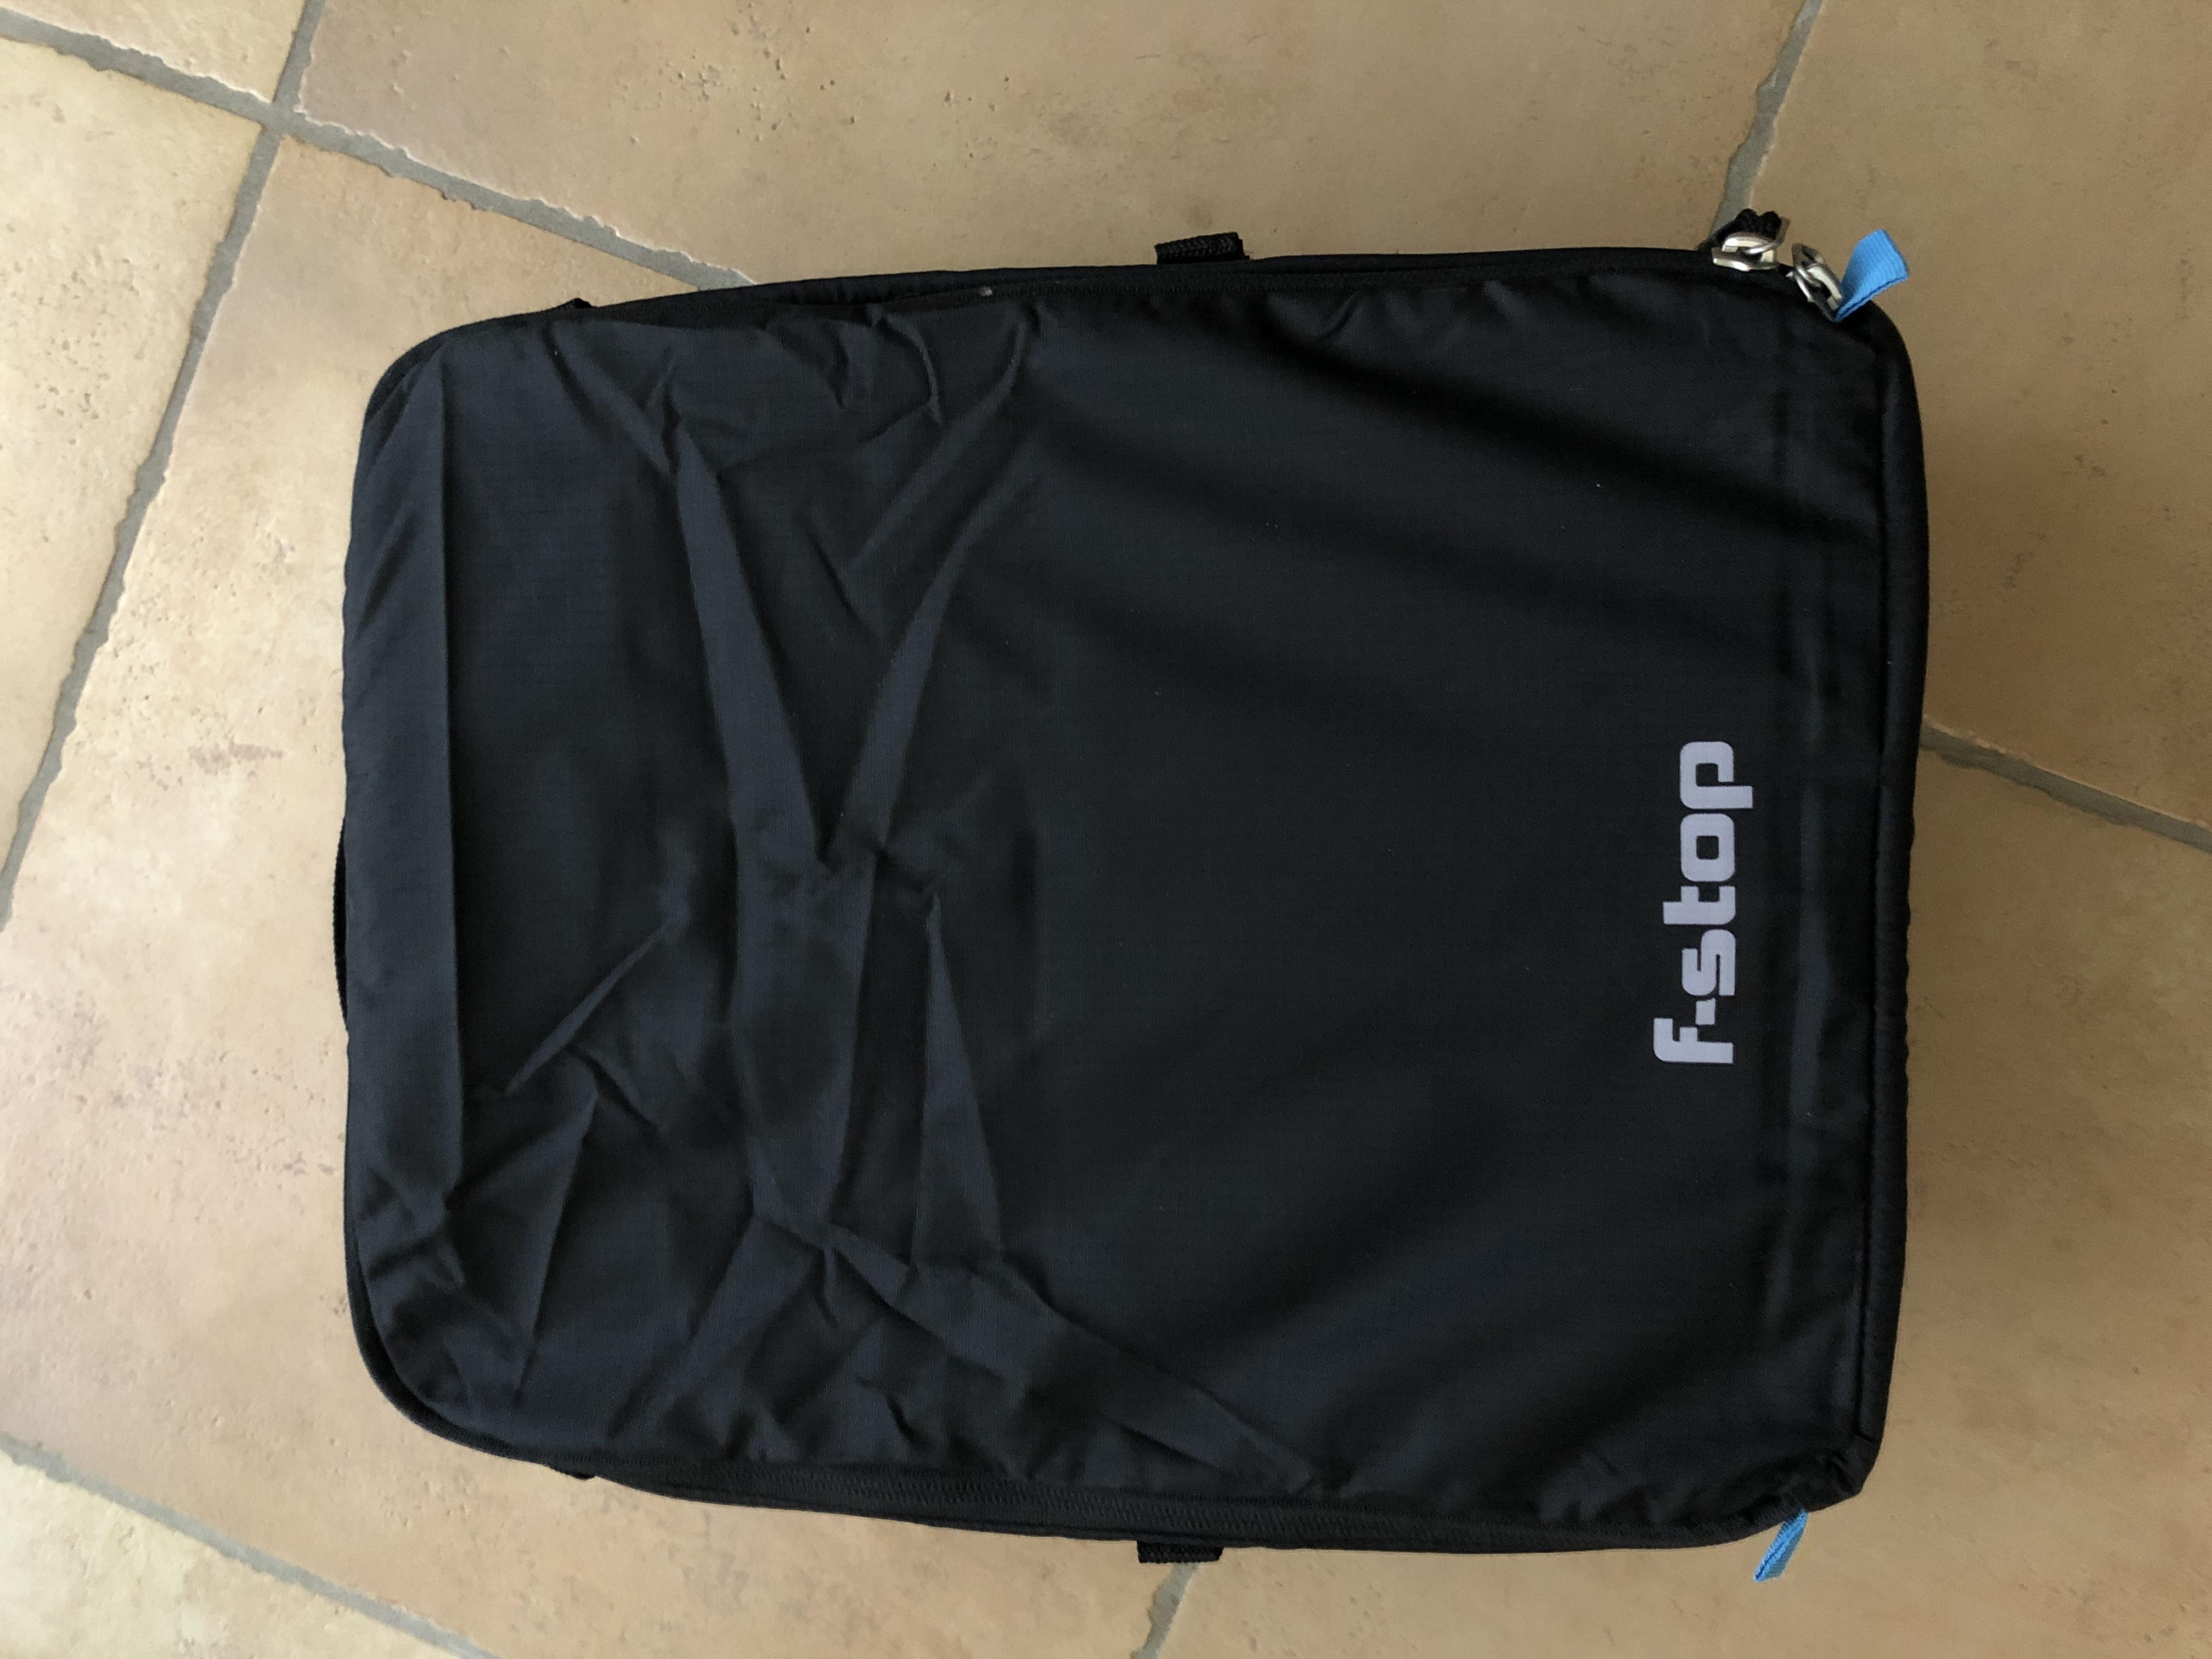 Ranzen, Taschen & Rucksäcke Suche Nach FlüGen Messenger-bag My Bag Of Magic Tricks 38 X 33 Cm Schwarz BüGeln Nicht Notebooktaschen